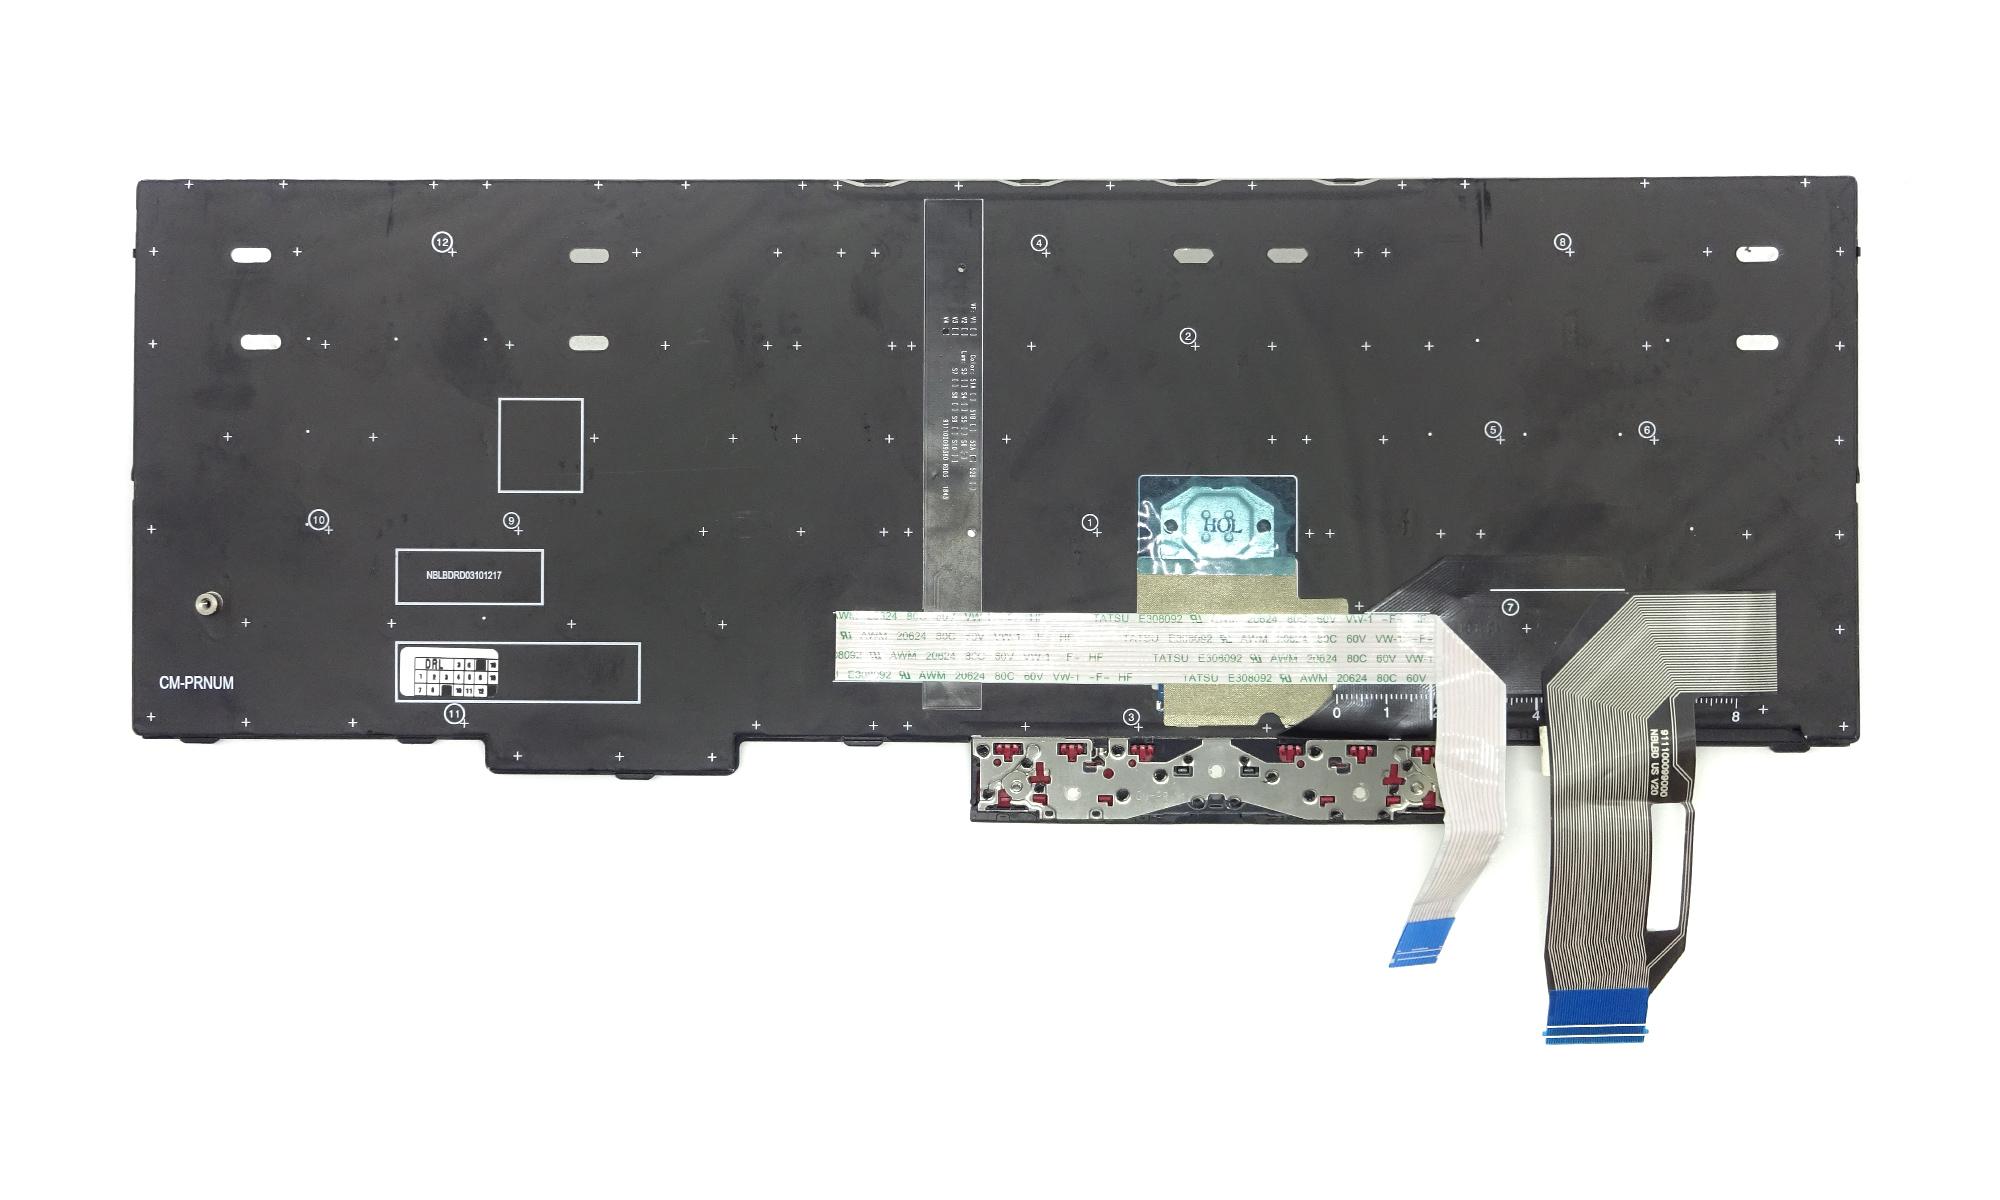 Tastatura compatibila Lenovo ThinkPad E580, E590, L580, L590, P52, P53, P53s, P72, P73, T590, cu iluminare, layout US